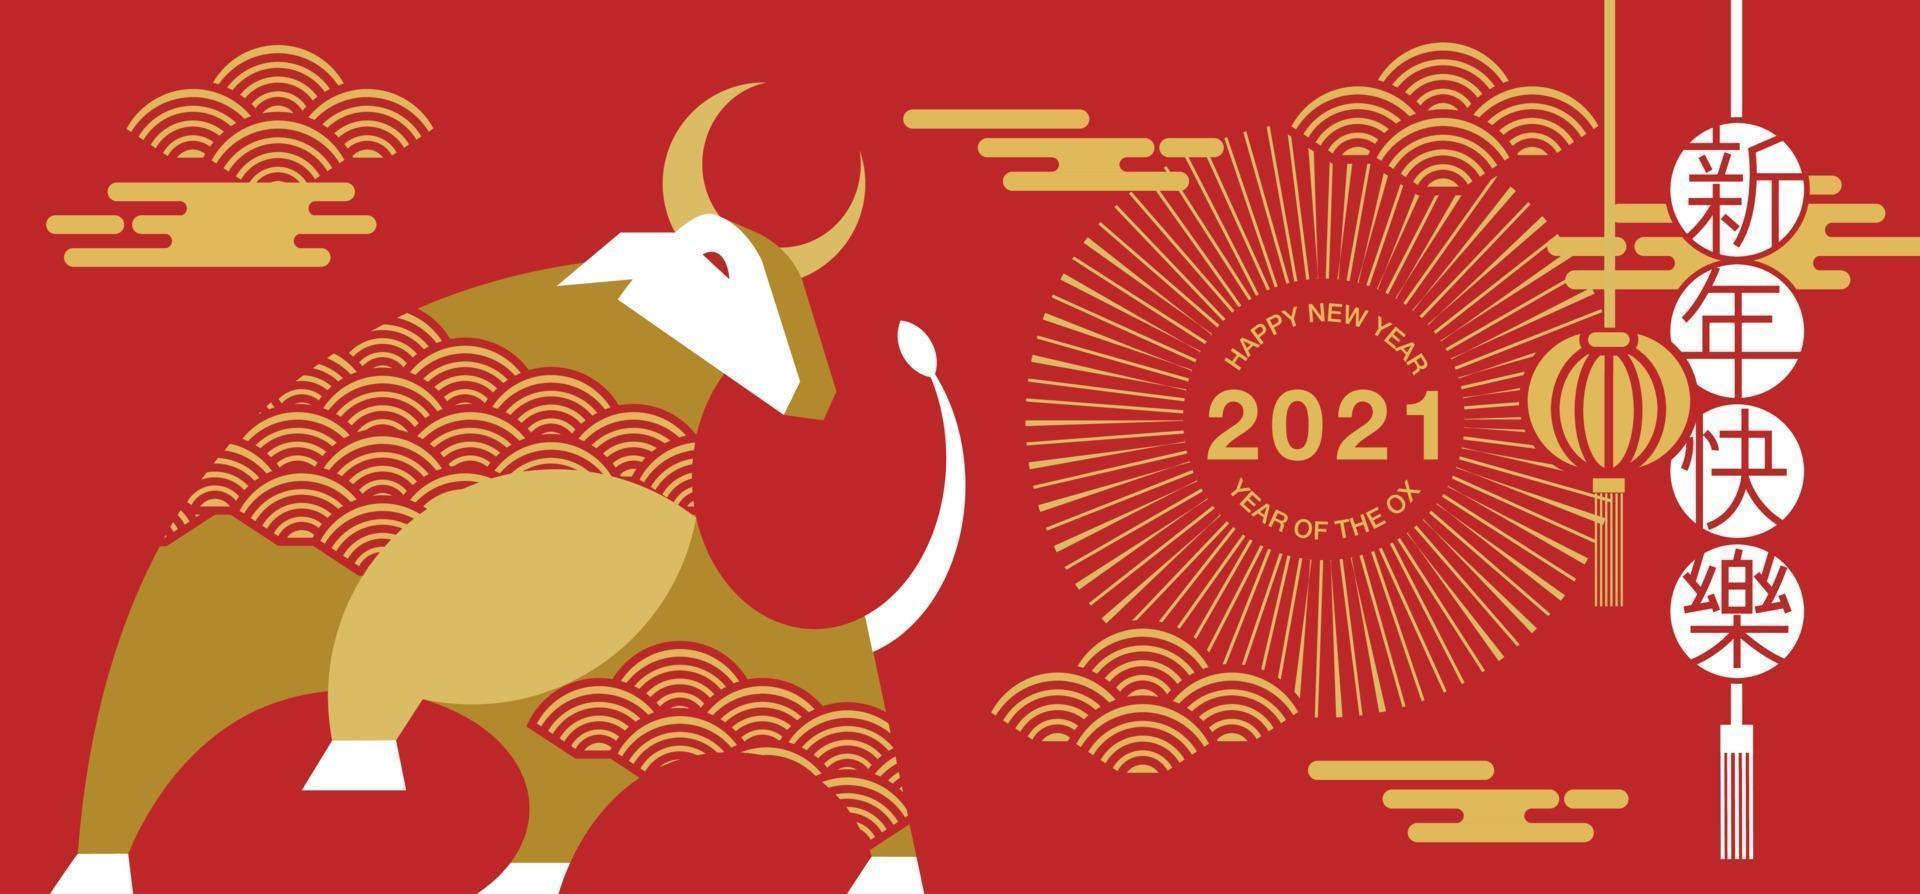 gelukkig nieuwjaar, chinees nieuwjaar, 2021, jaar van de os, gelukkig nieuwjaar, plat ontwerp vector